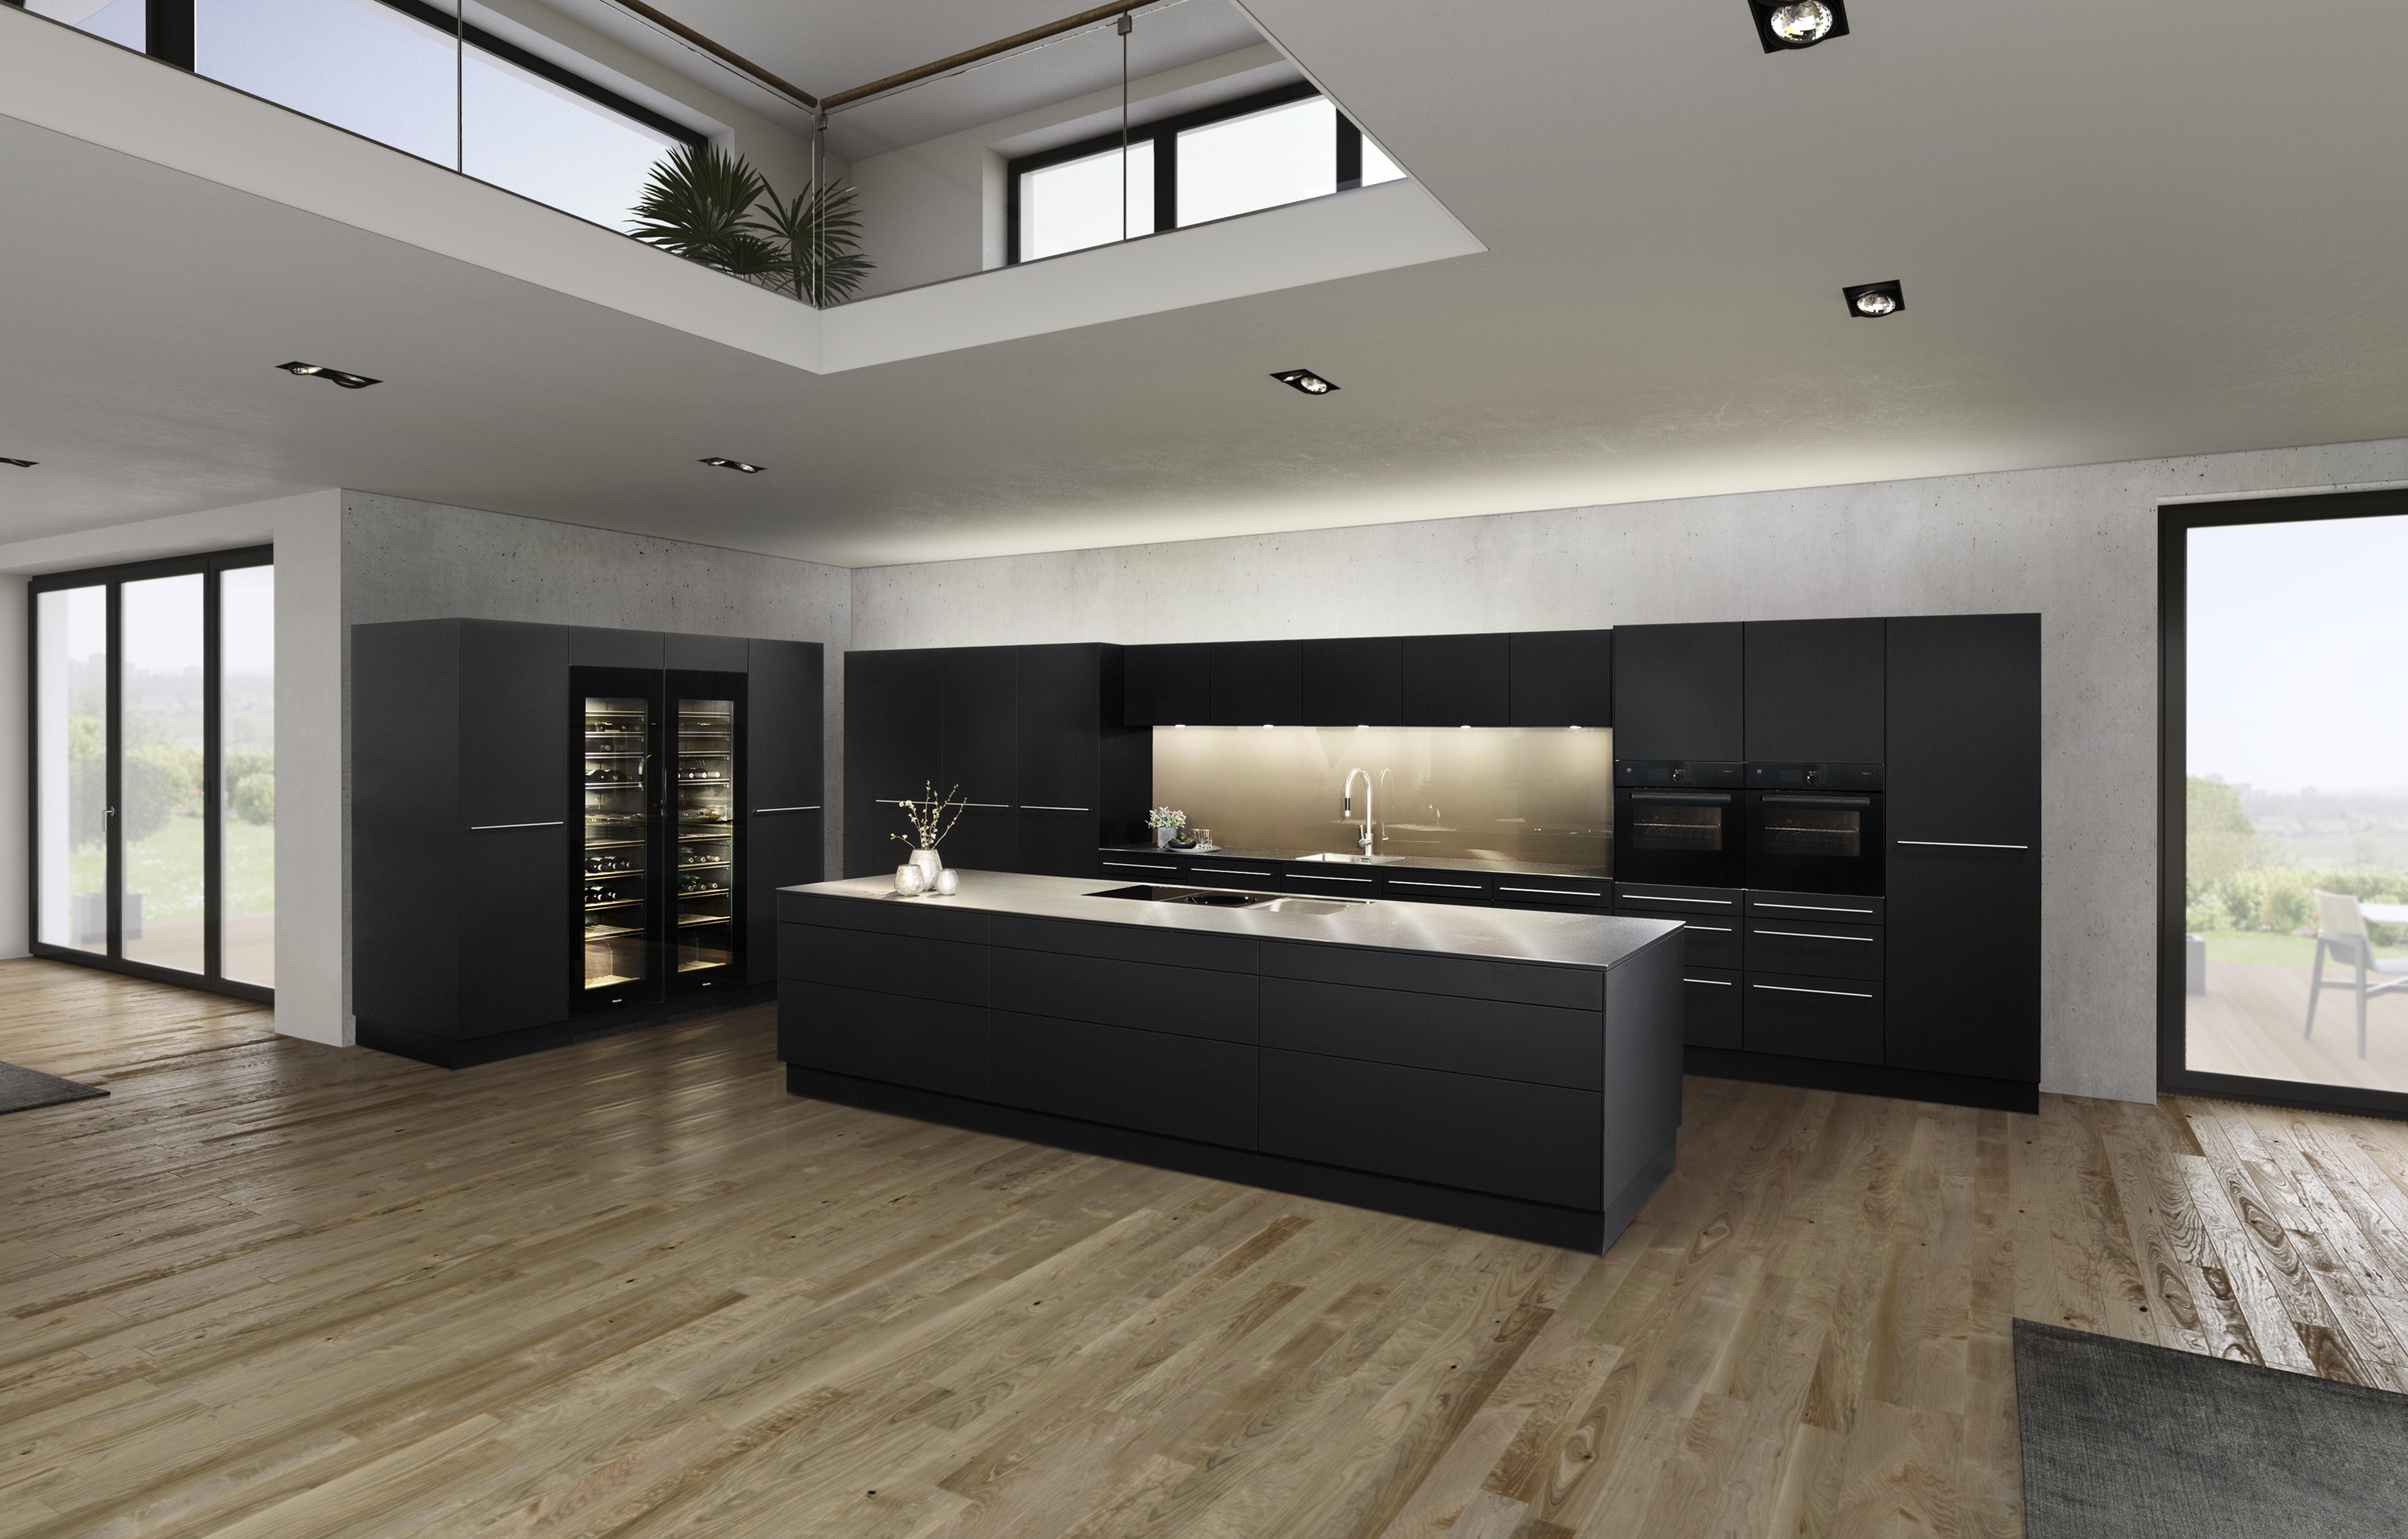 Medien - Forster Swiss Home AG